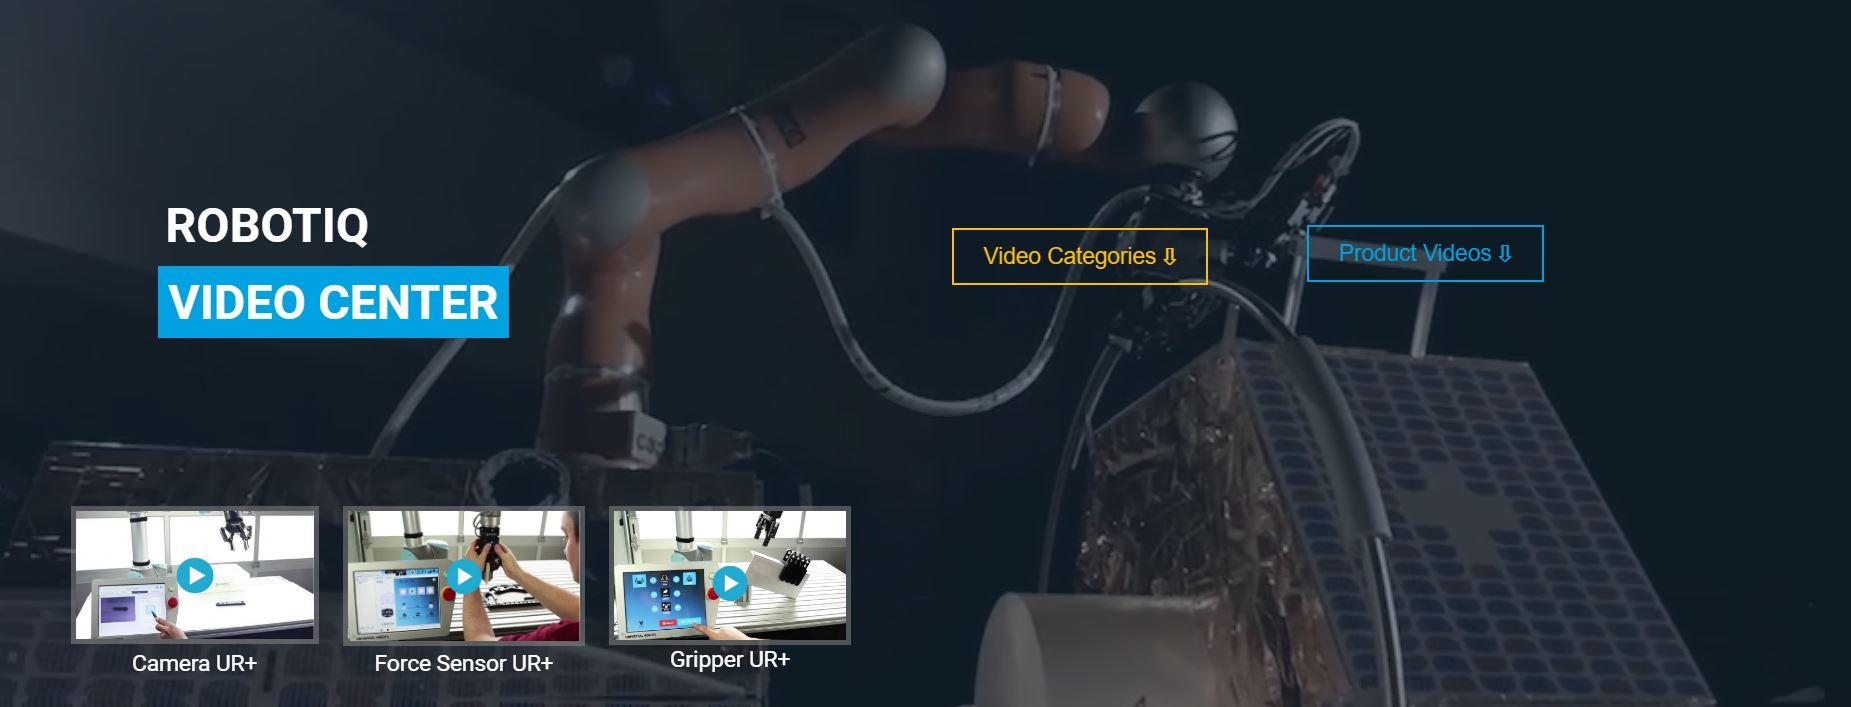 video_center.jpg